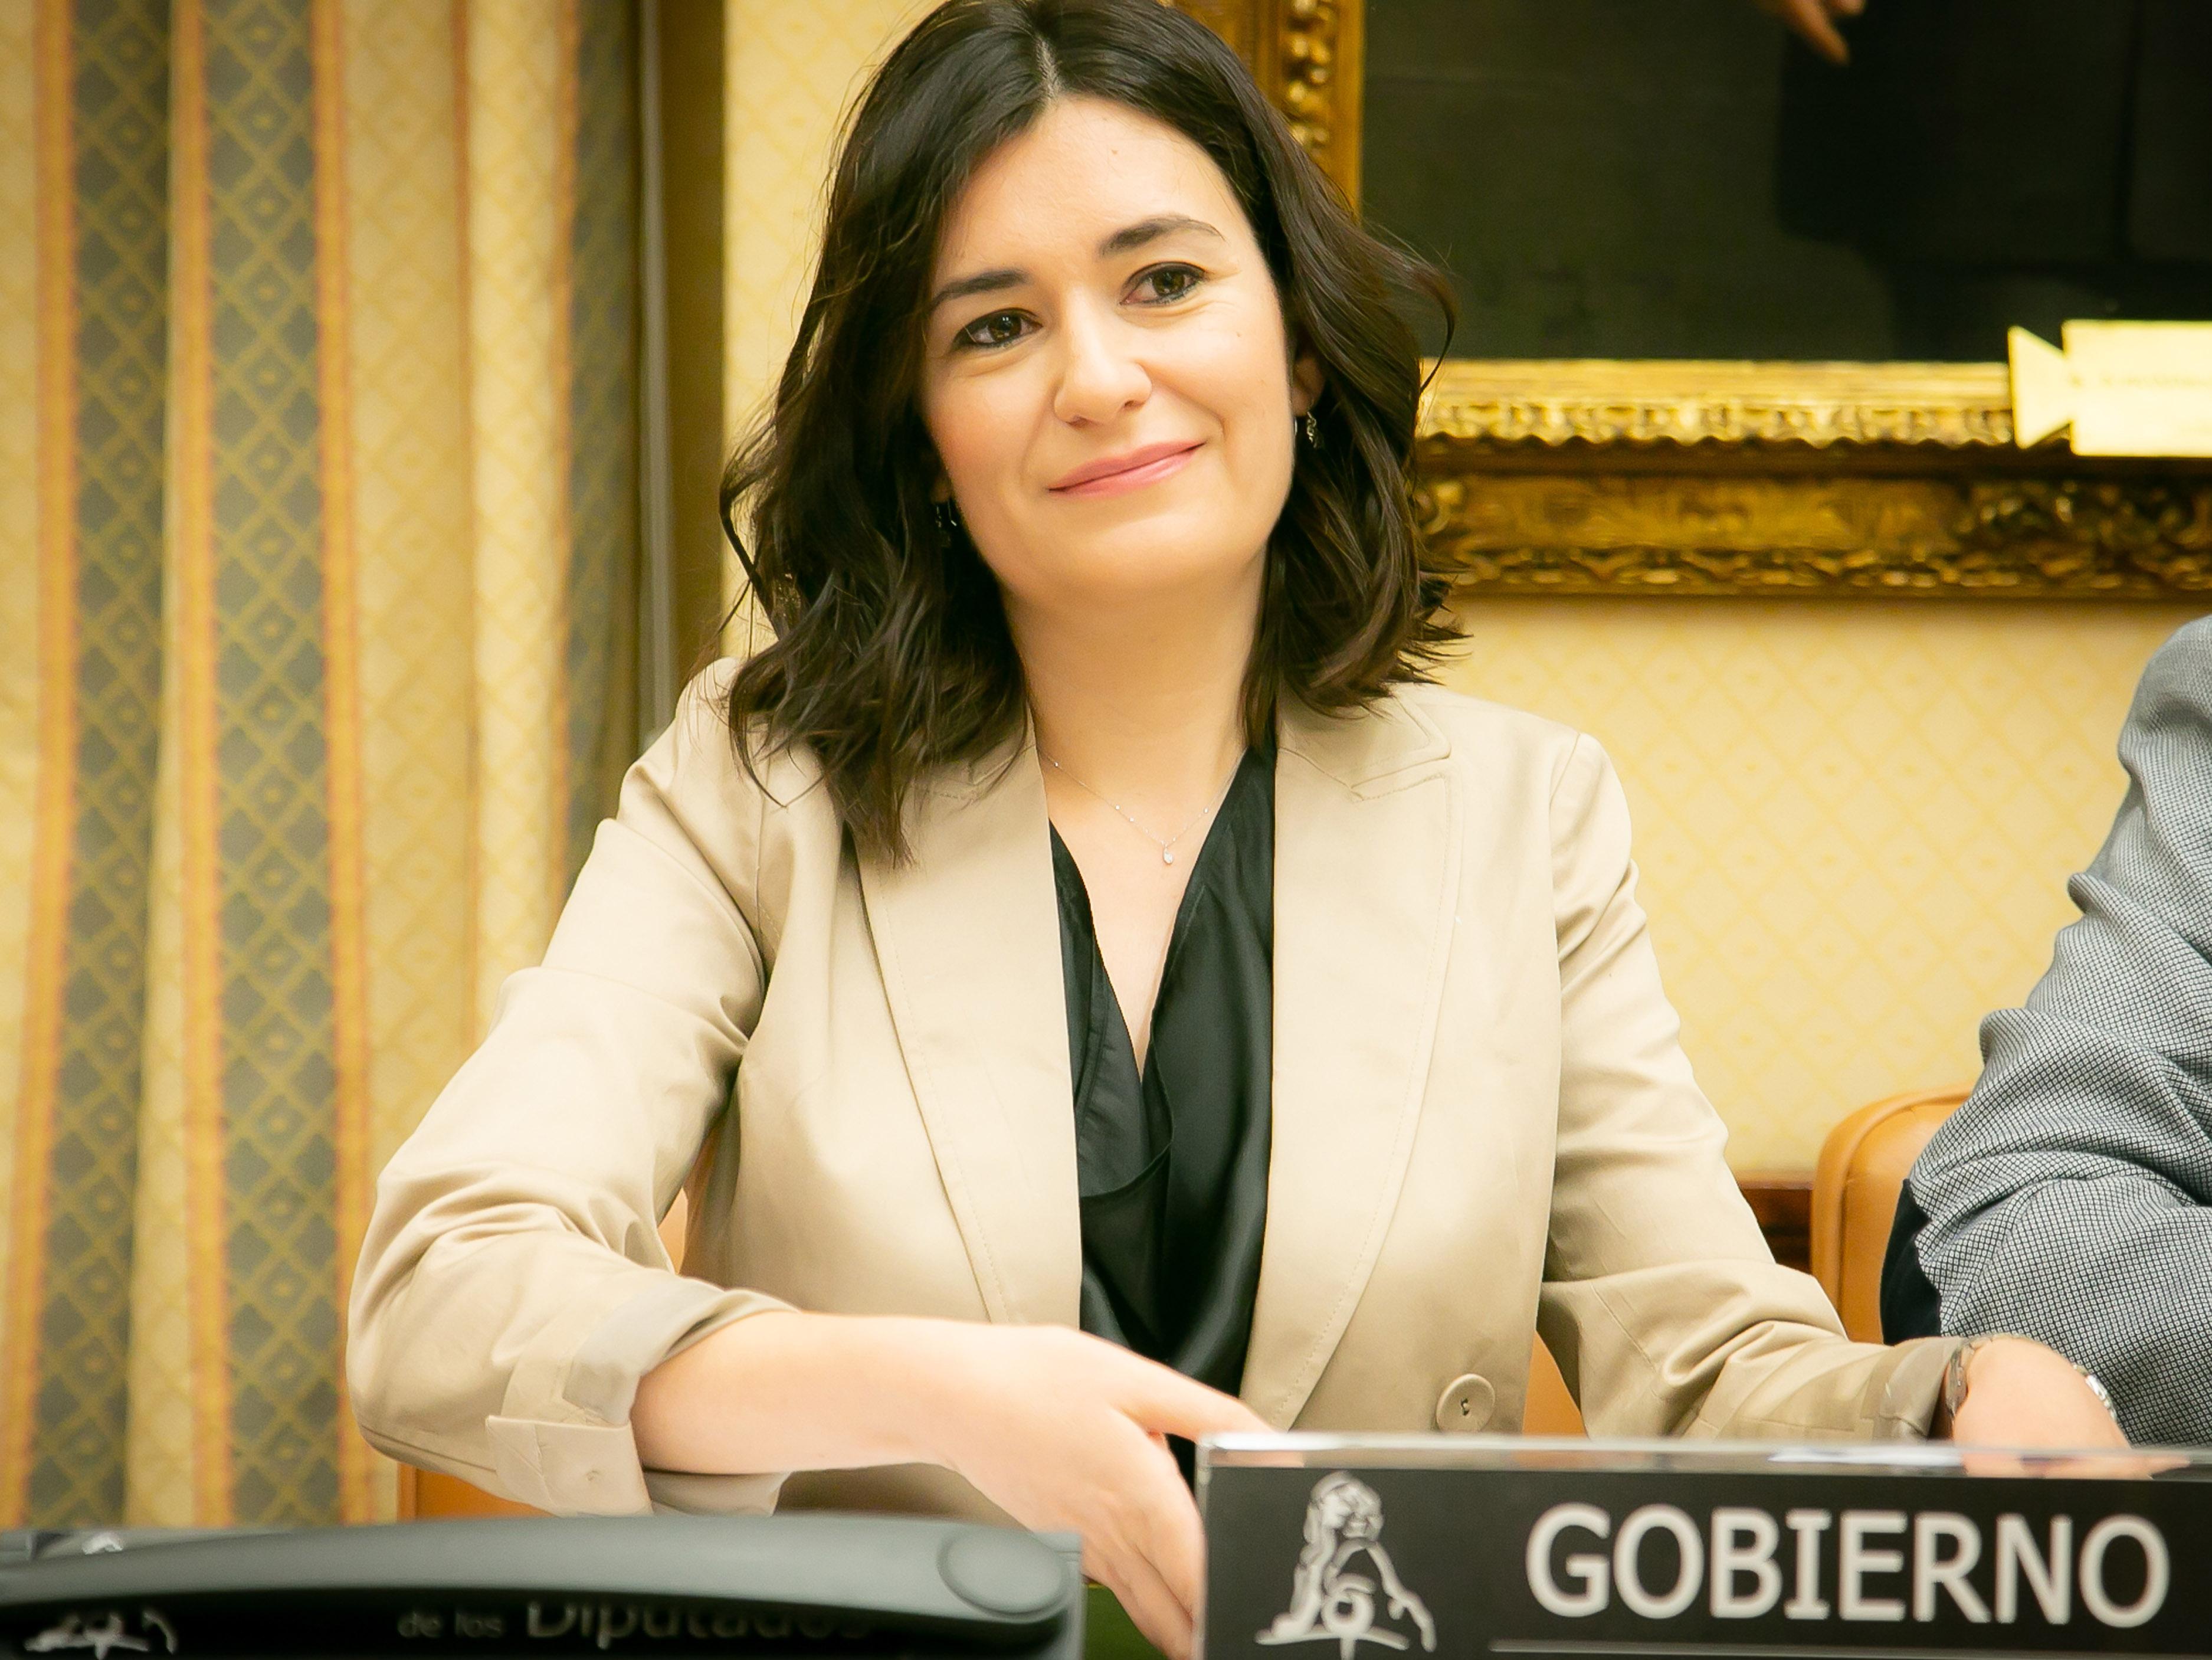 La ministra de Sanidad se compromete en el congreso a